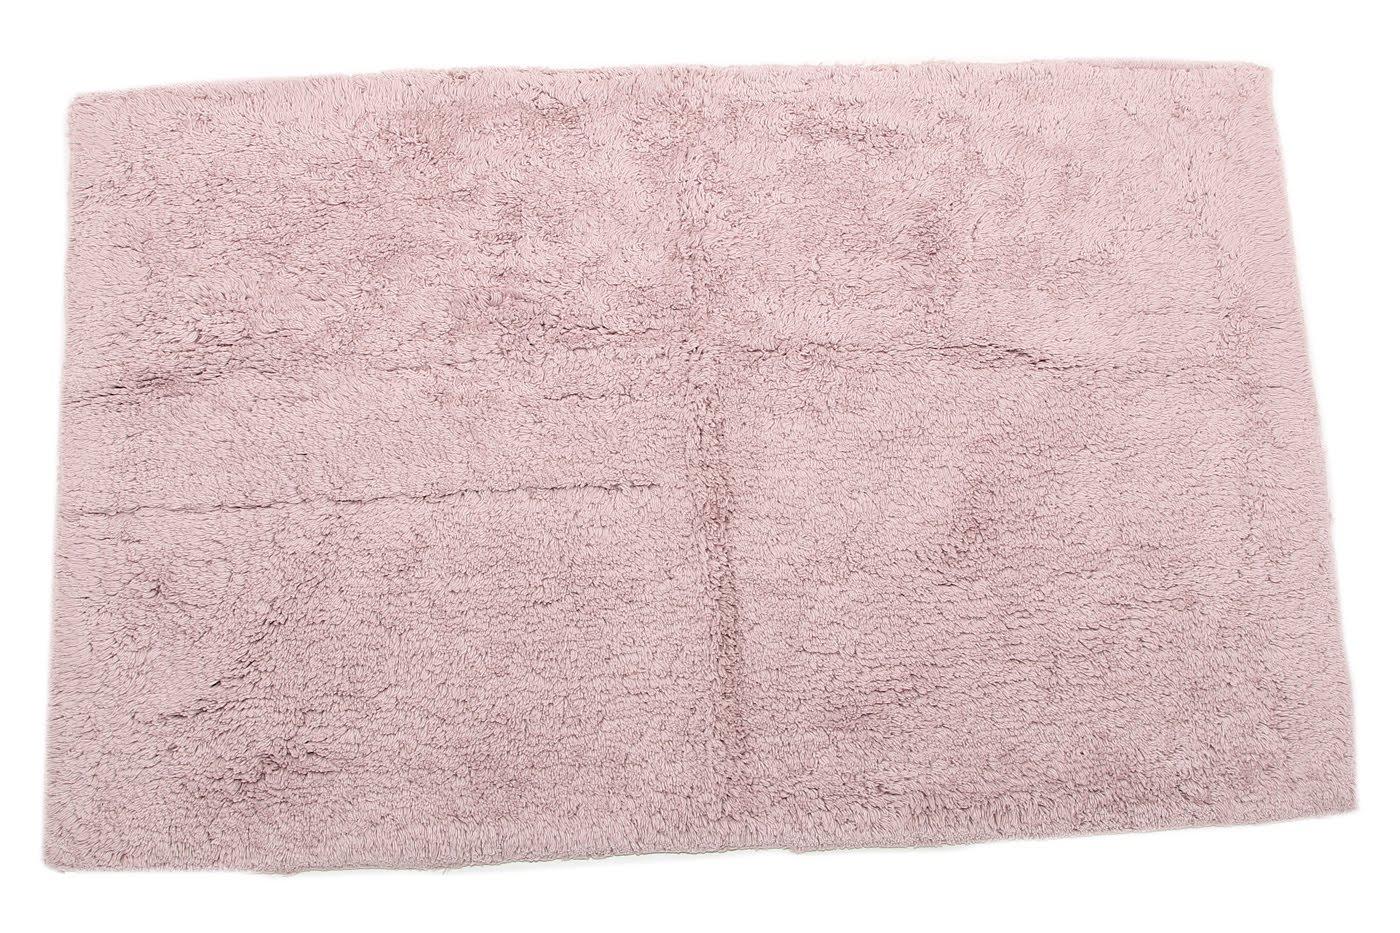 Коврики для ванной и туалета Ганг Коврик для ванной Shawna Цвет: Розовый (50х80 см) аксессуары для ванной и туалета white clean коврик для ванной africa 50х80 см